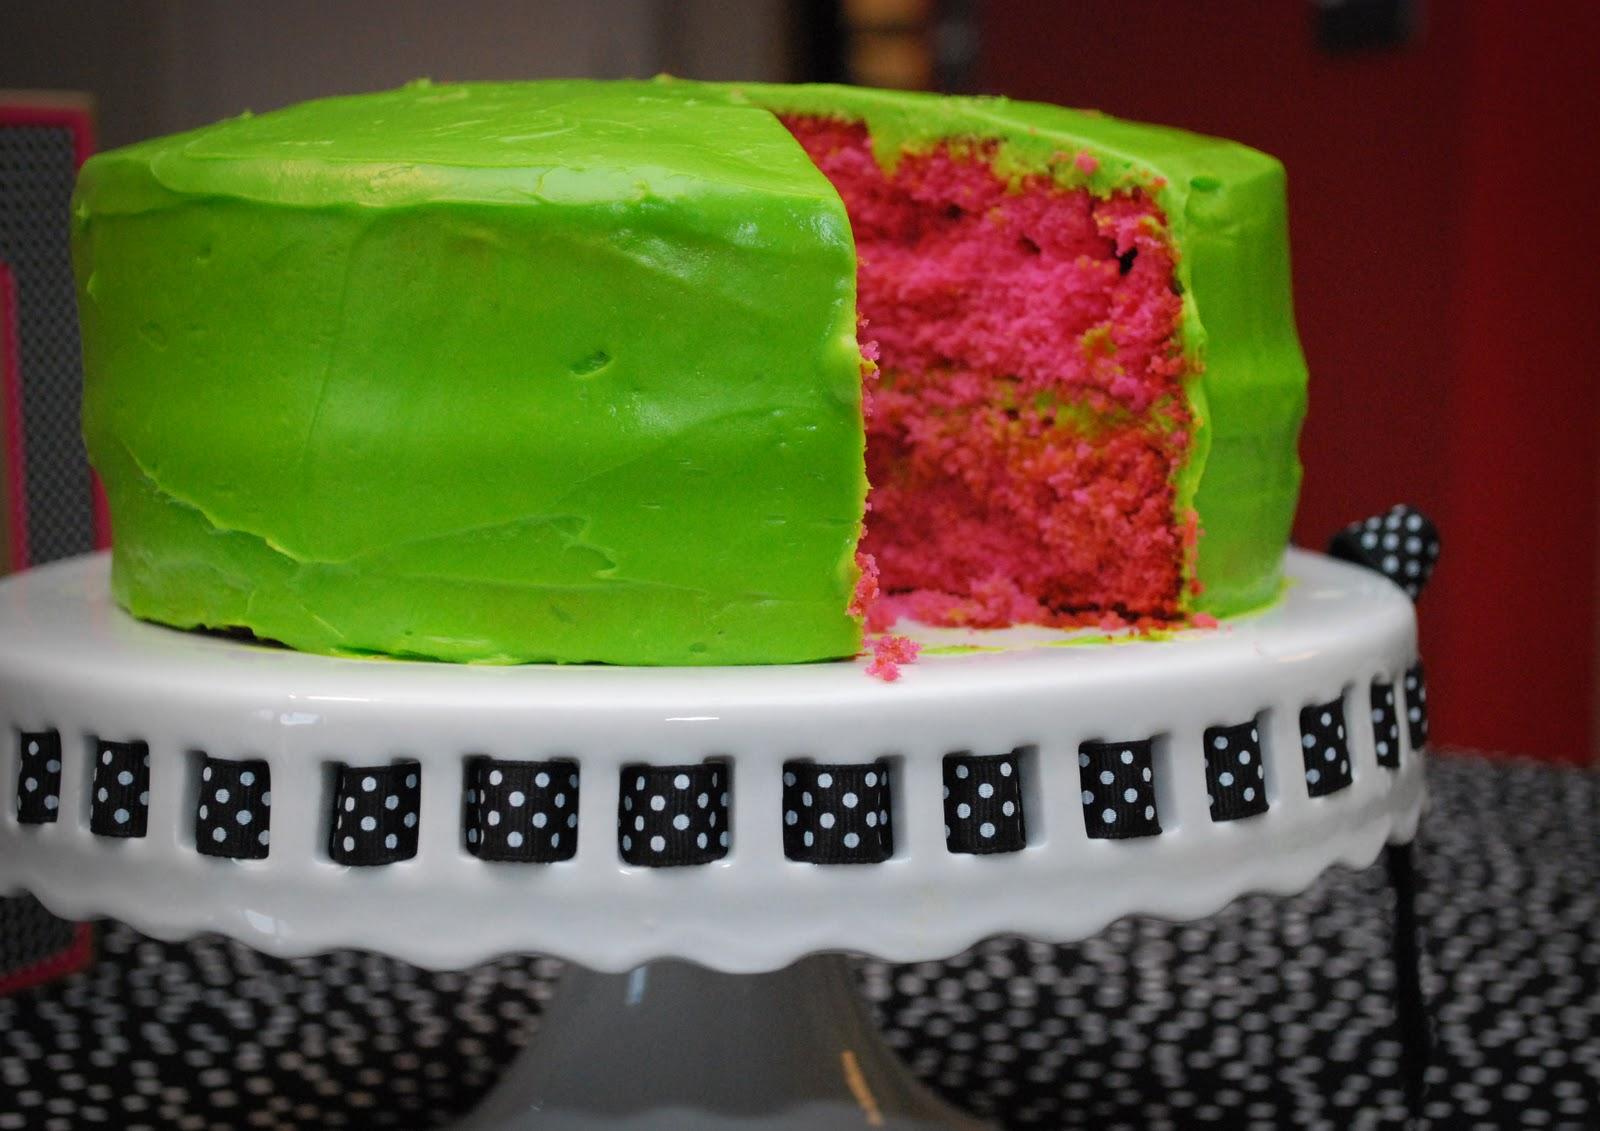 Desserts&Designs: March 2011